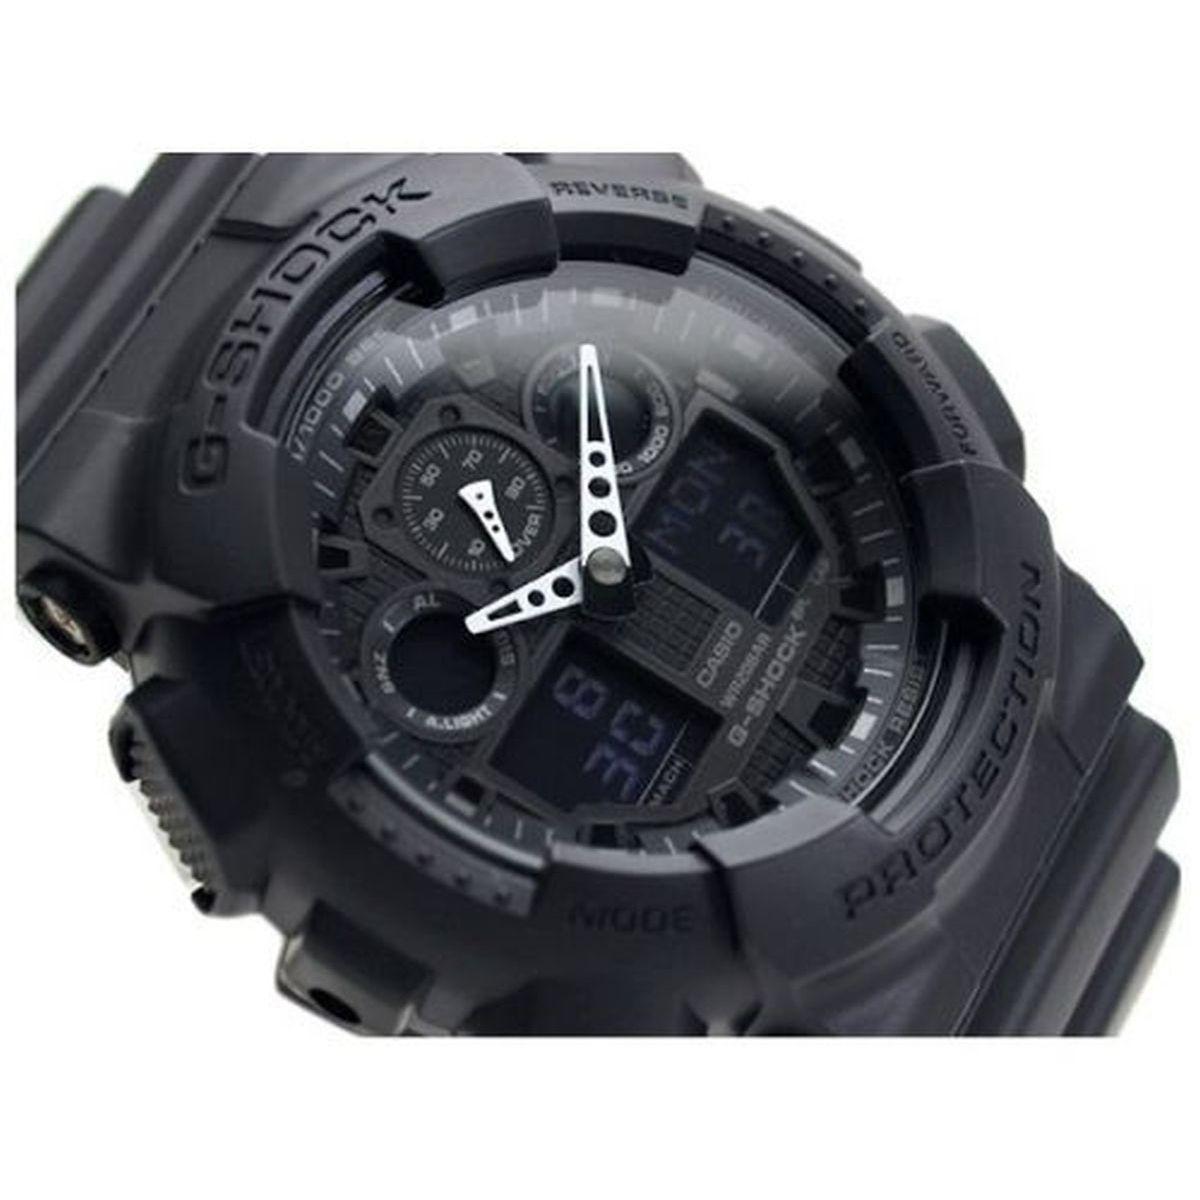 efb98804d41 Relogio Masculino Casio G-shock Anadigi Ga-100-1a1dr - Preto Produto não  disponível